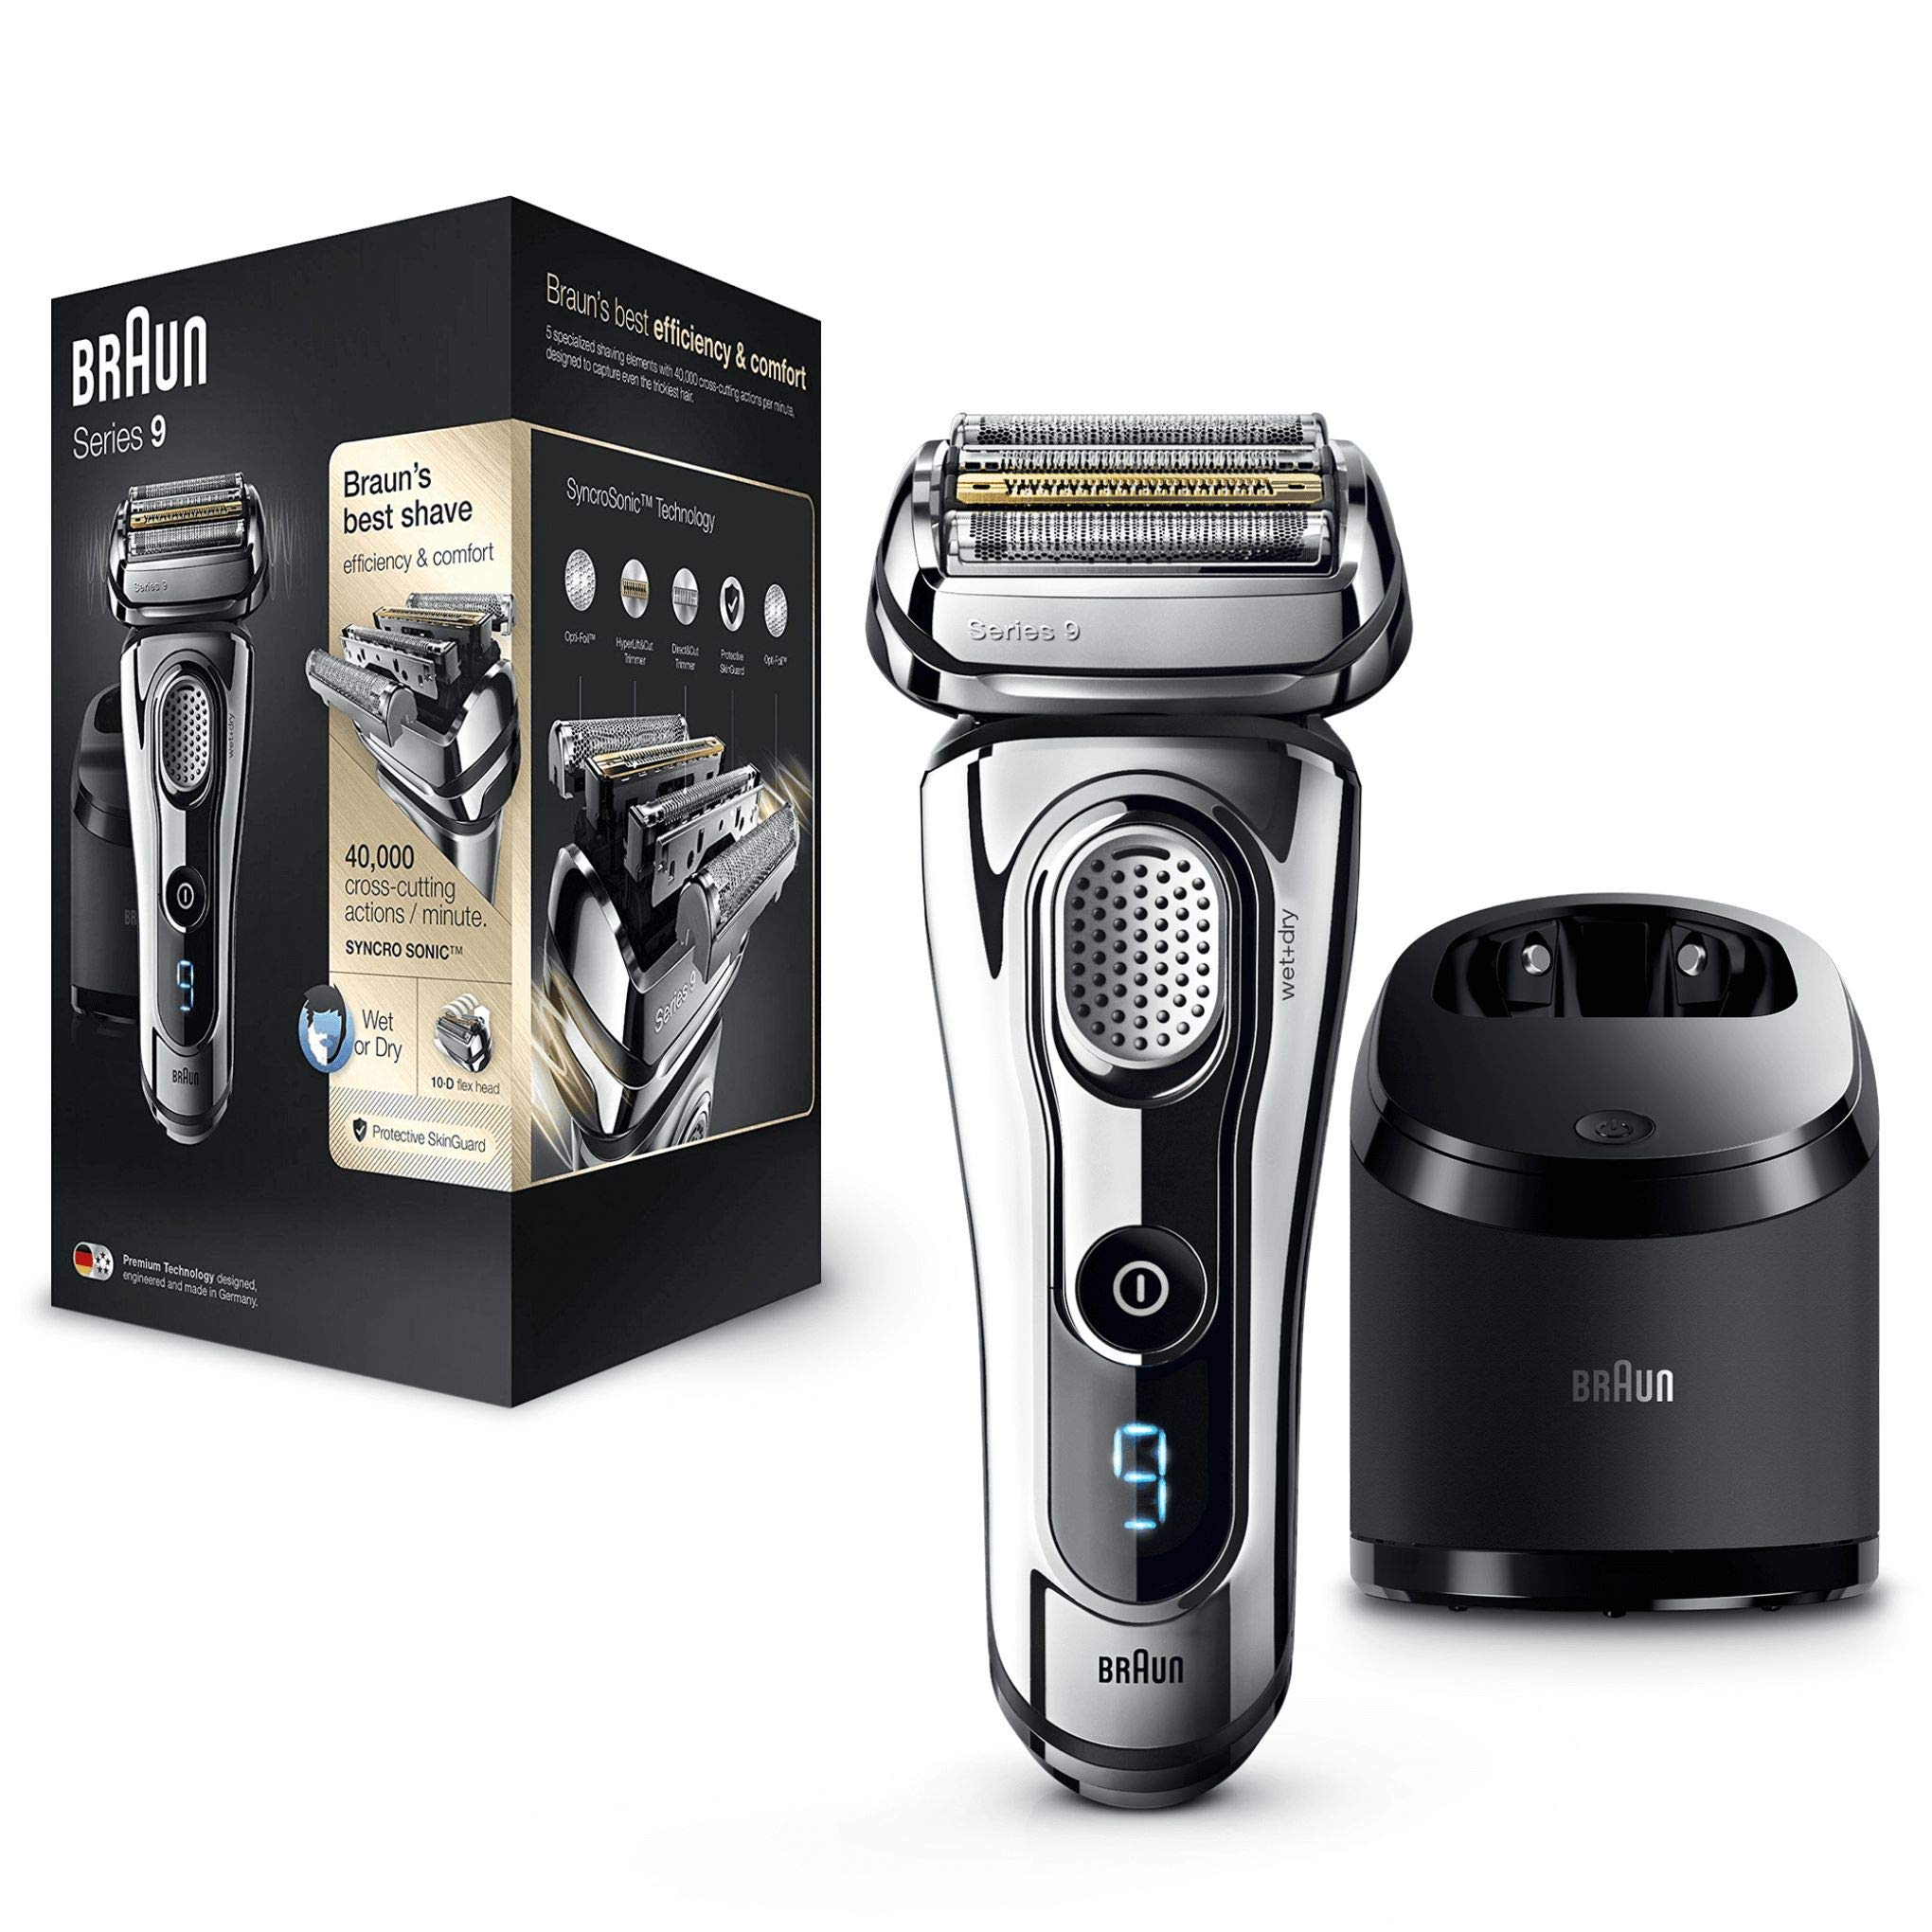 Braun Series 9 9296 cc Wet&Dry - Afeitadora eléctrica Hombre, para barba, con Estación de Limpieza Clean&Charge product image